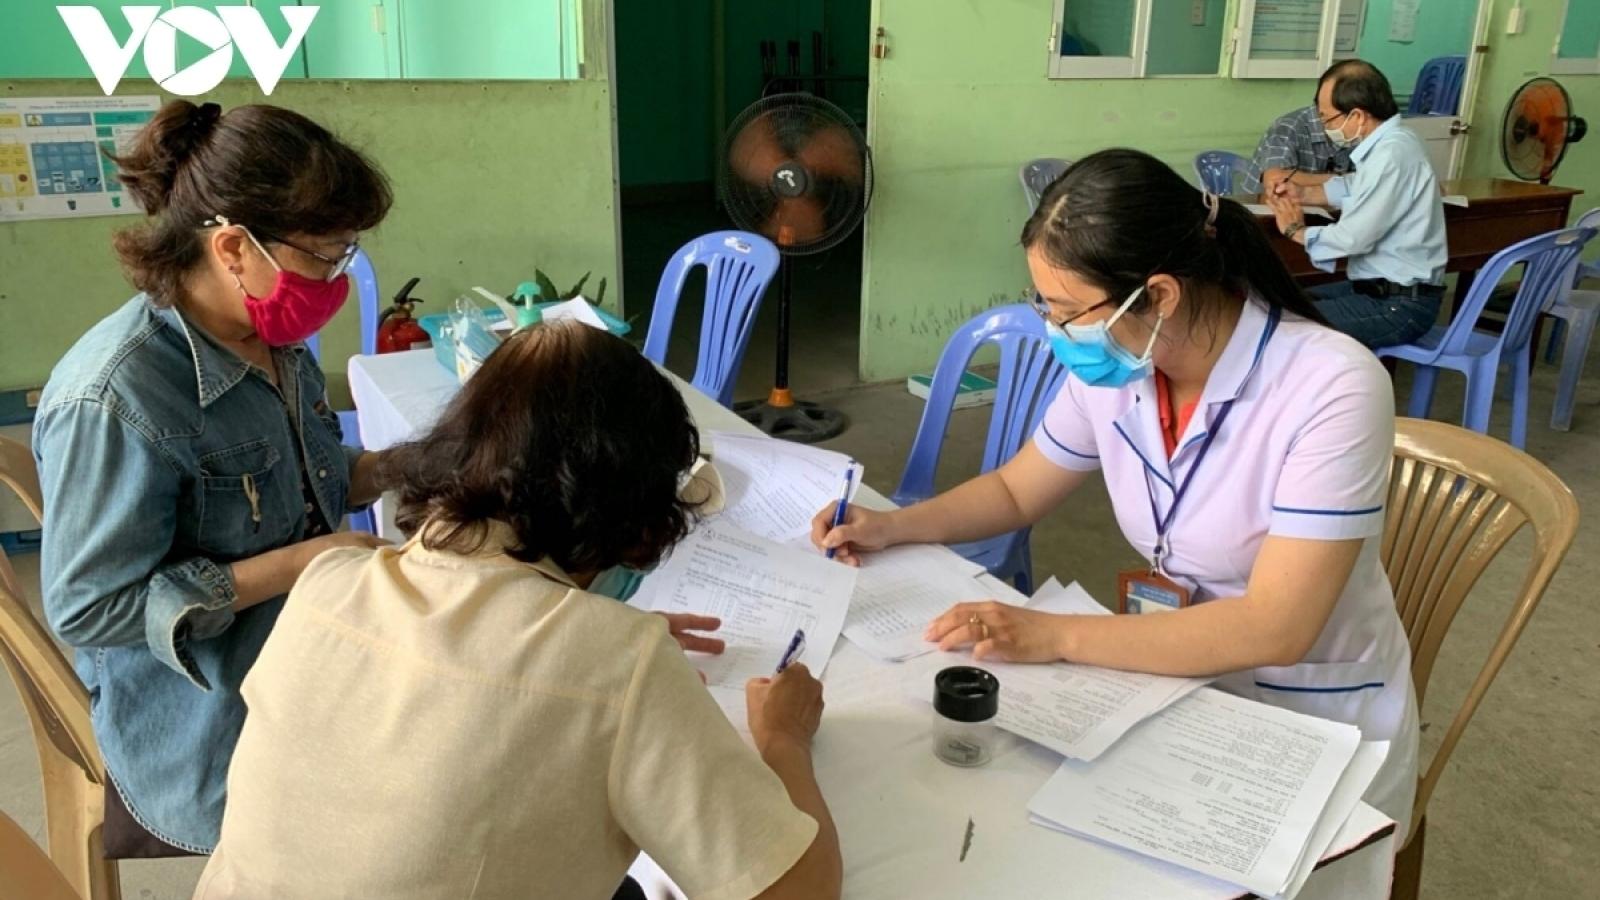 Thêm 2 trường hợp ở Điện Biên khai báo y tế không trung thực bị phạt tiền